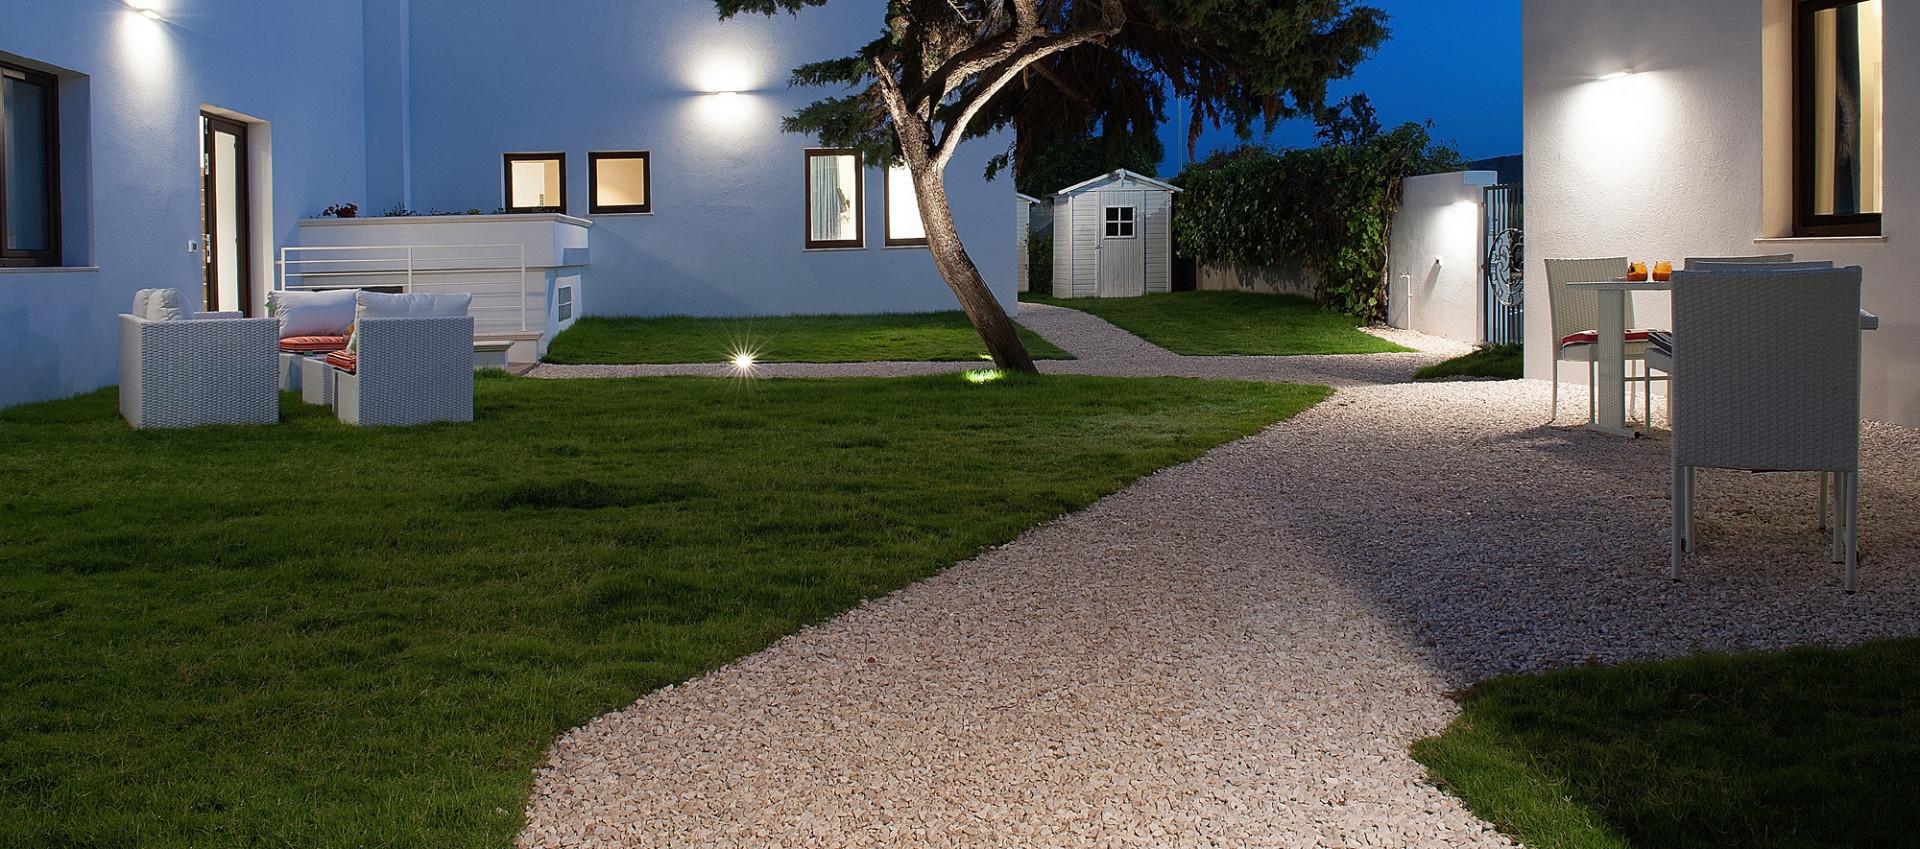 Idee giardino moderno idee per decorare il giardino con i - Giardino moderno design ...